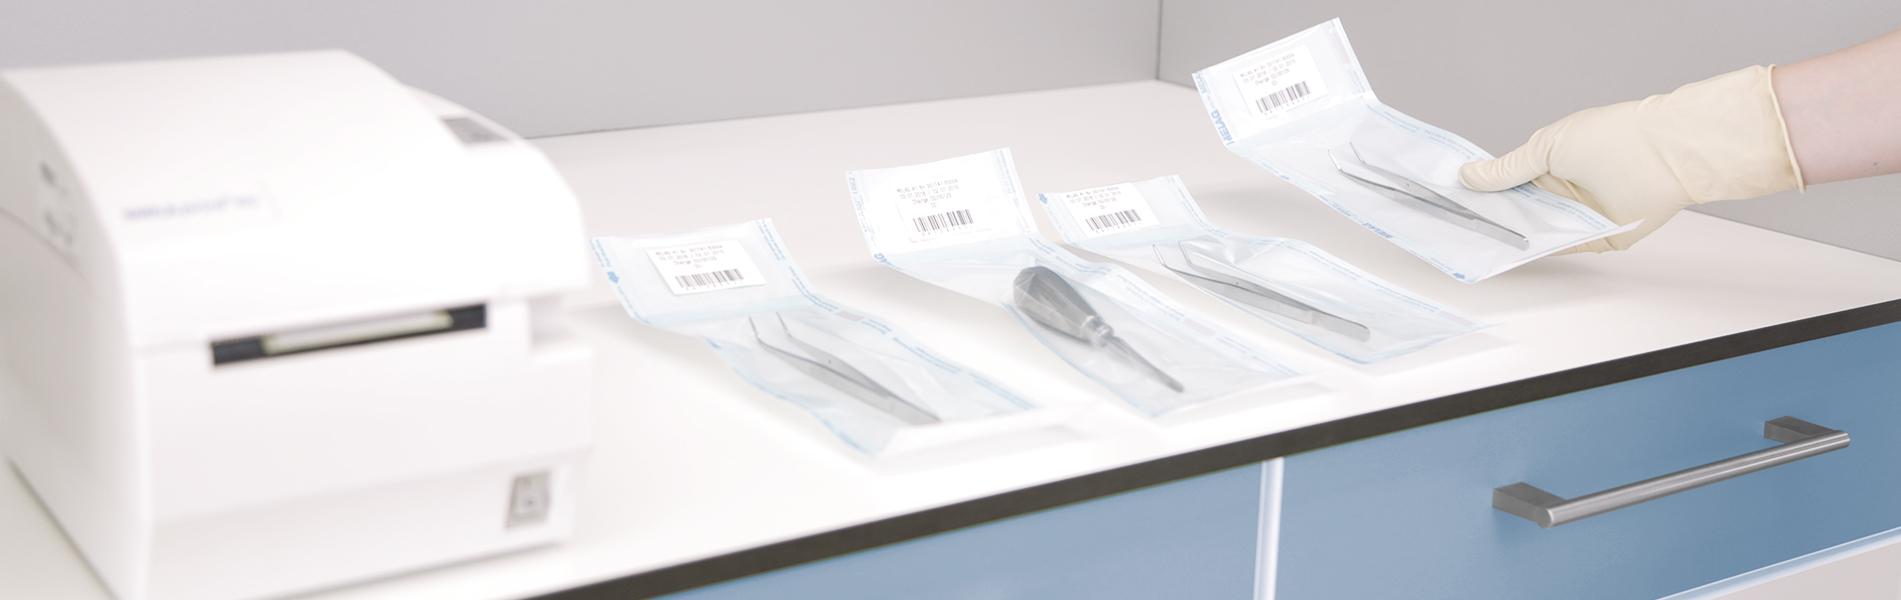 Bolsas selladas con instrumentos estériles en la superficie de trabajo en la sala de esterilización